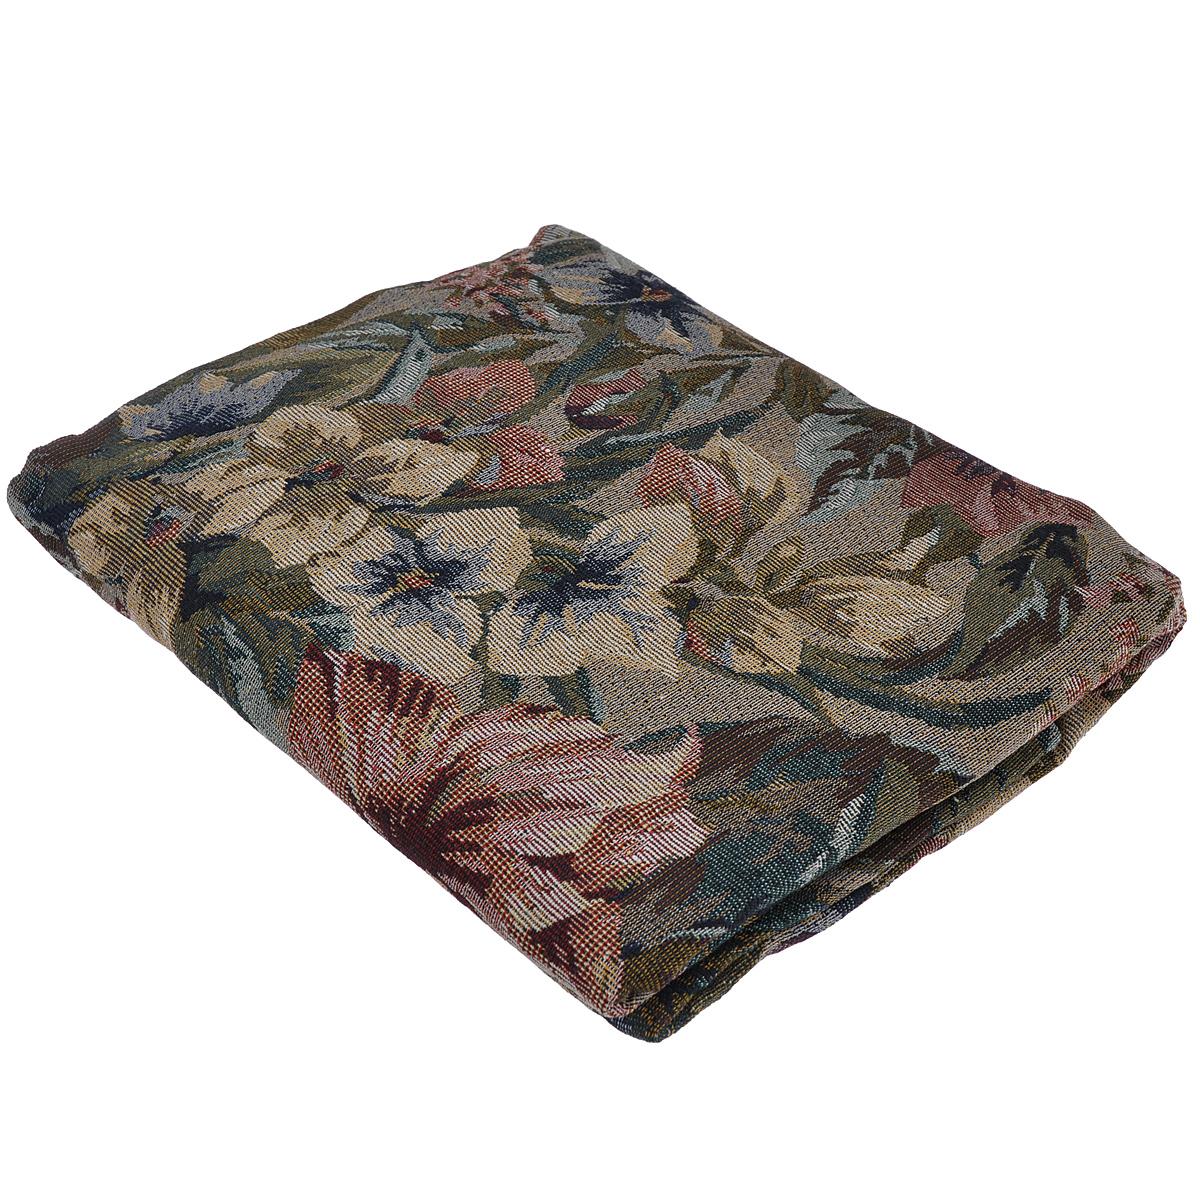 Покрывало гобеленовое Comfort Wendy, 150 см х 200 см73337Гобеленовое покрывало Comfort Wendy, изготовлено из 50% хлопка и 50% полиэстера, благодаря чему достигается приятная, дышащая фактура поверхности. Гобеленовые покрывала уникальны, так как они практичны и универсальны в использовании. Легкое, плотное, практичное покрывало, отличный спутник в дороге, дома и на даче. Изделие долговечно, надежно и легко стирается.